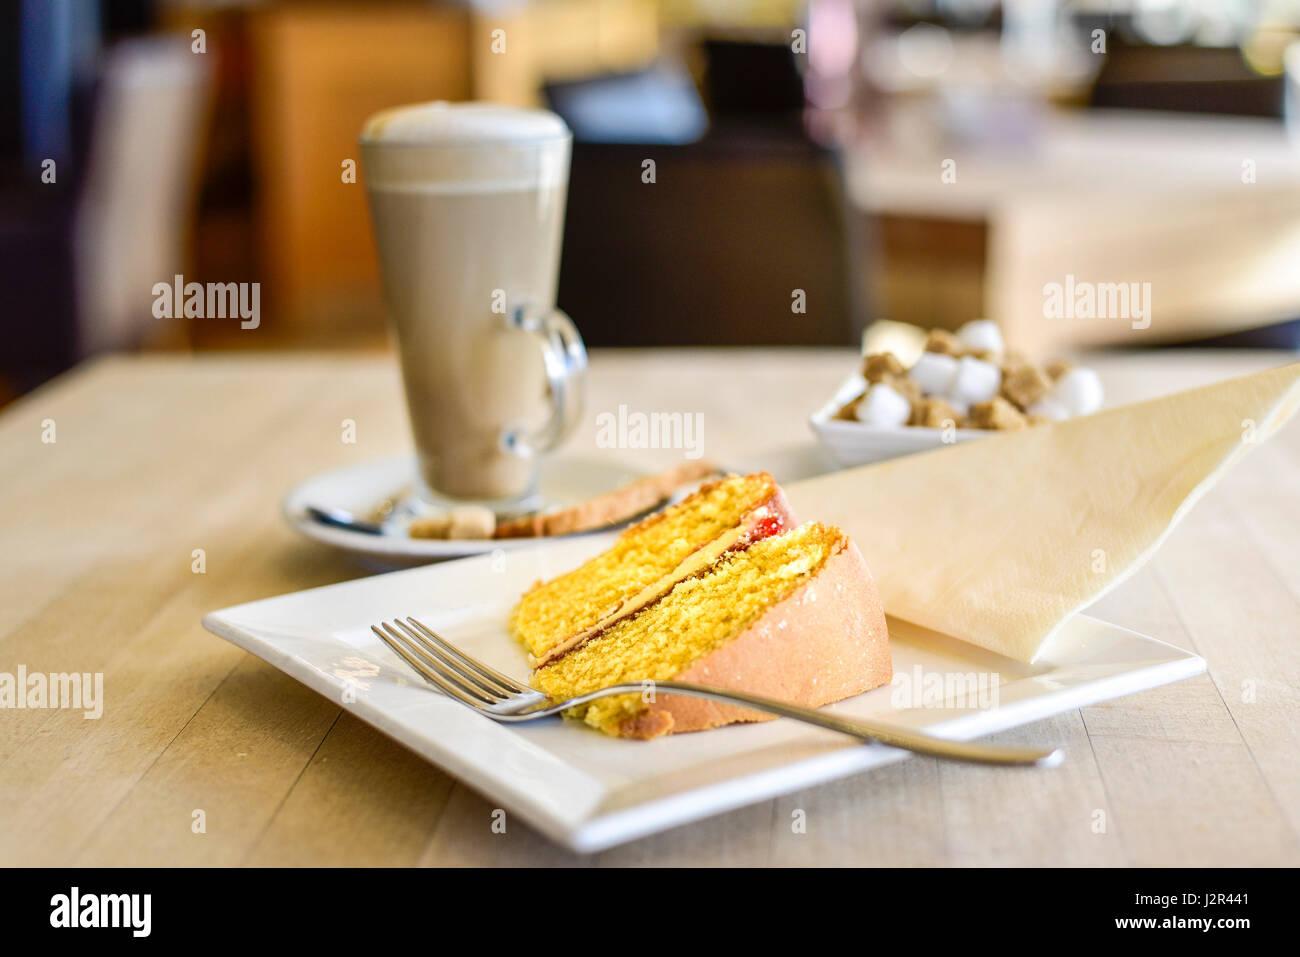 Cibo caffè e torta Victoria Sponge Cake Sweet curare pomeriggio trattare indulgenza Dessert Budino al forno Immagini Stock